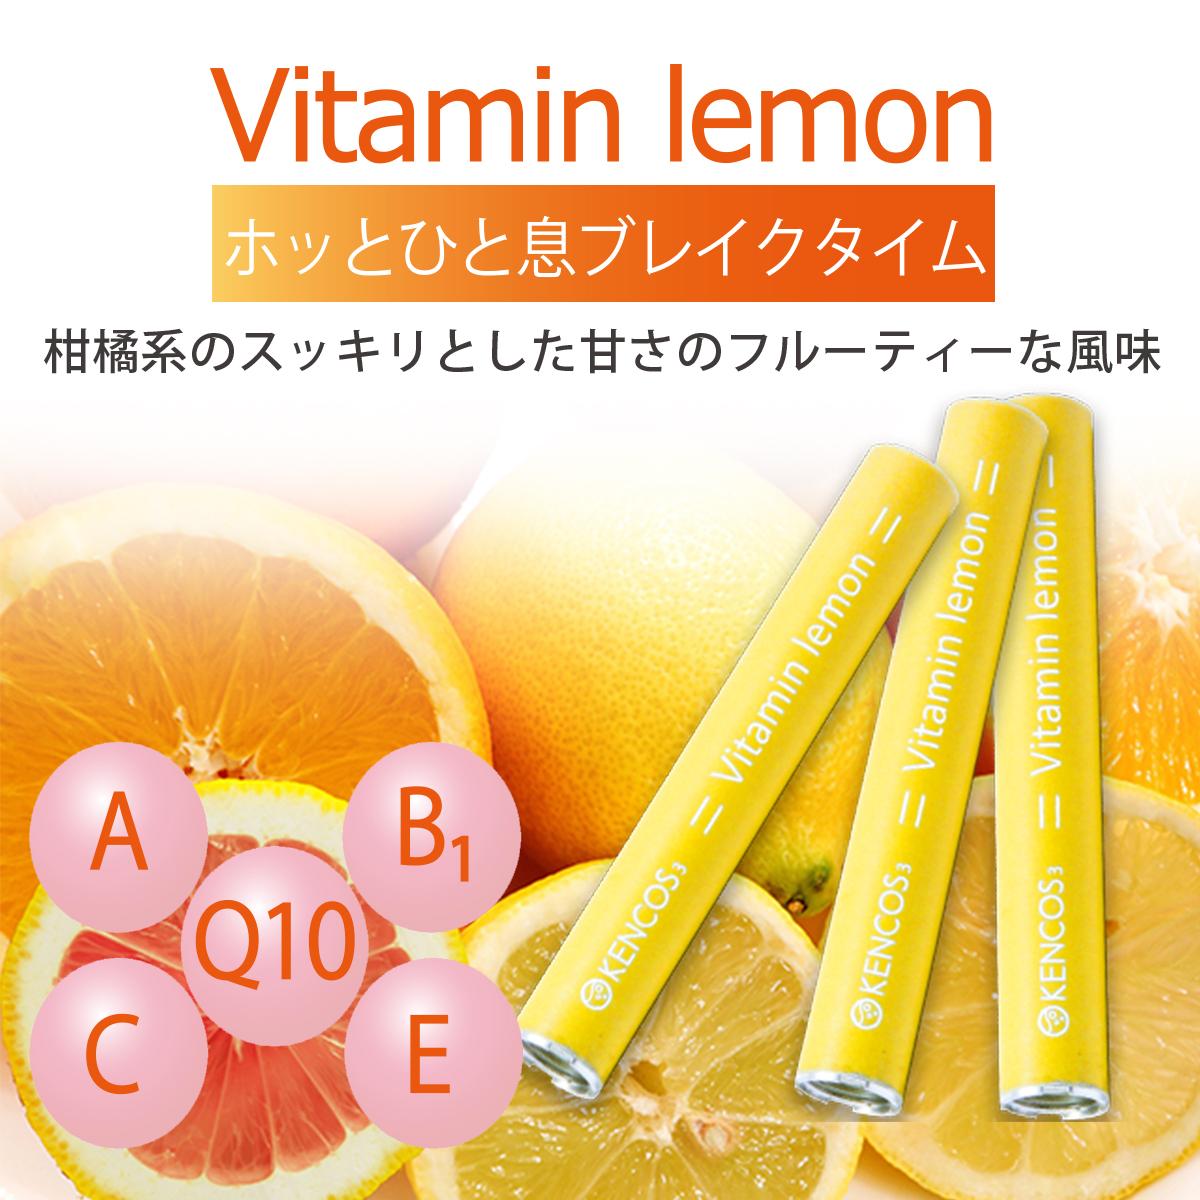 ビタミンレモン